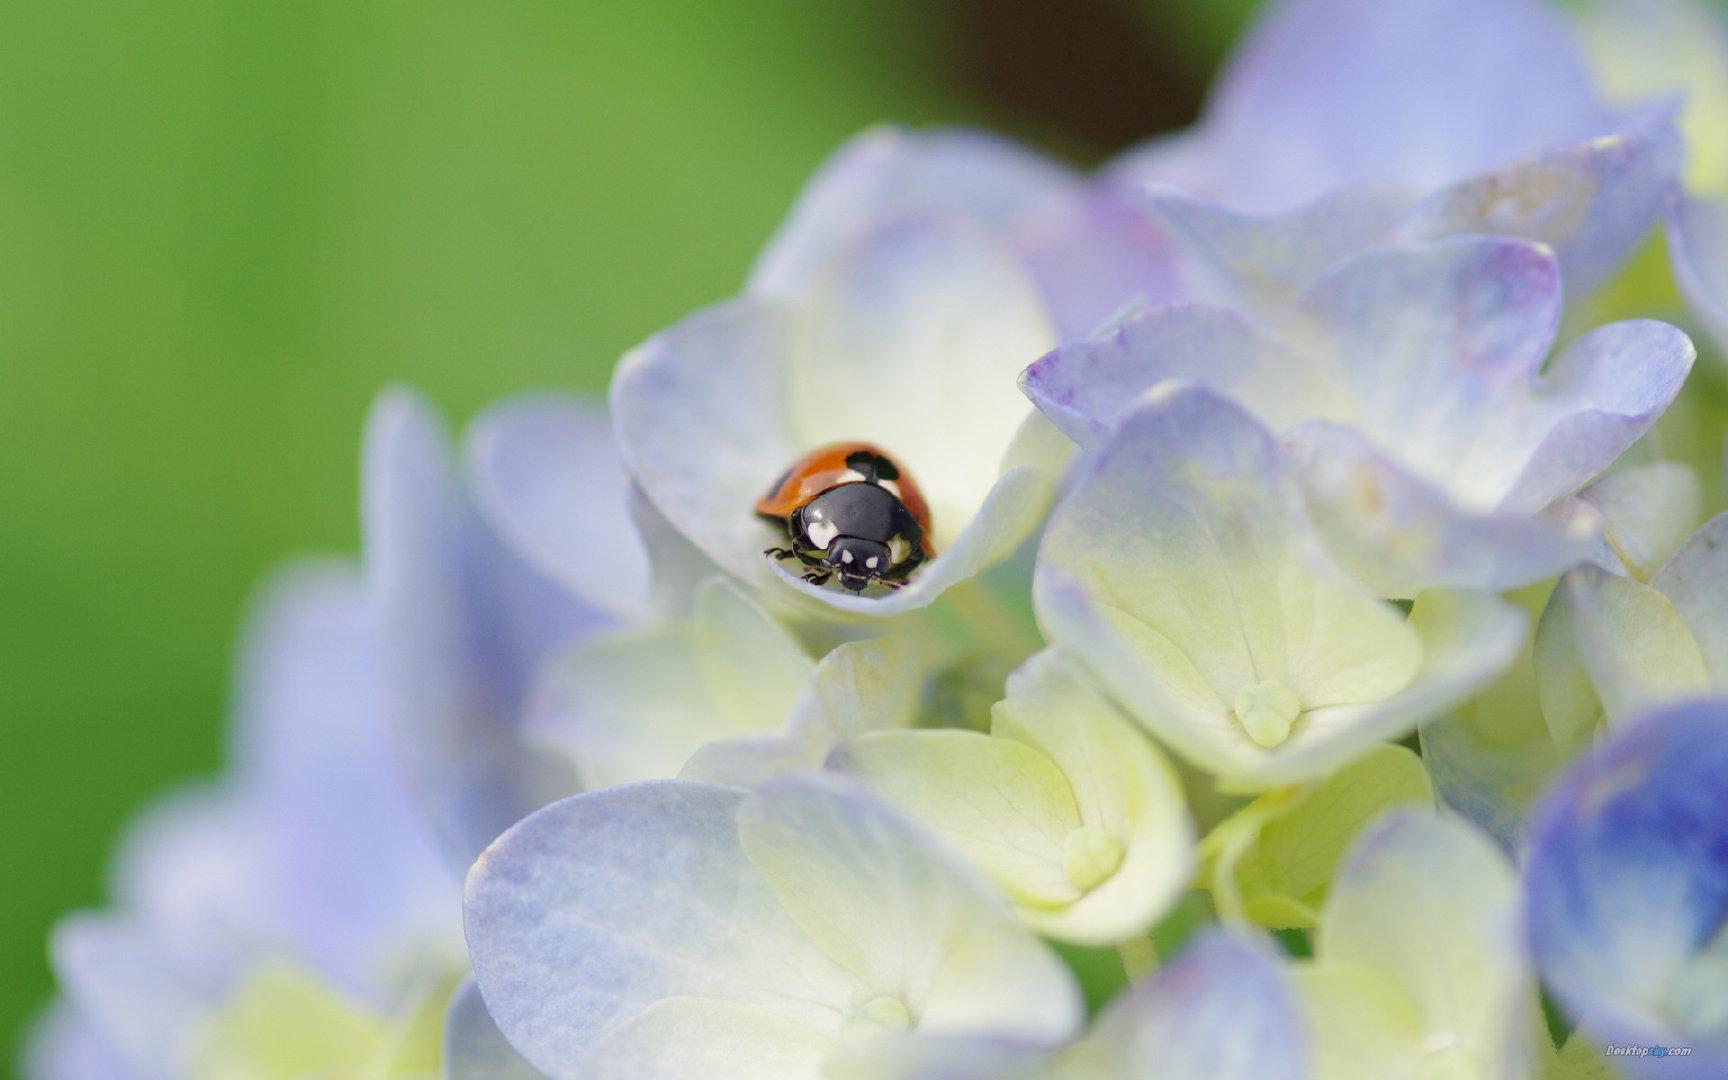 美丽清雅的绣球花2K高清图片素材